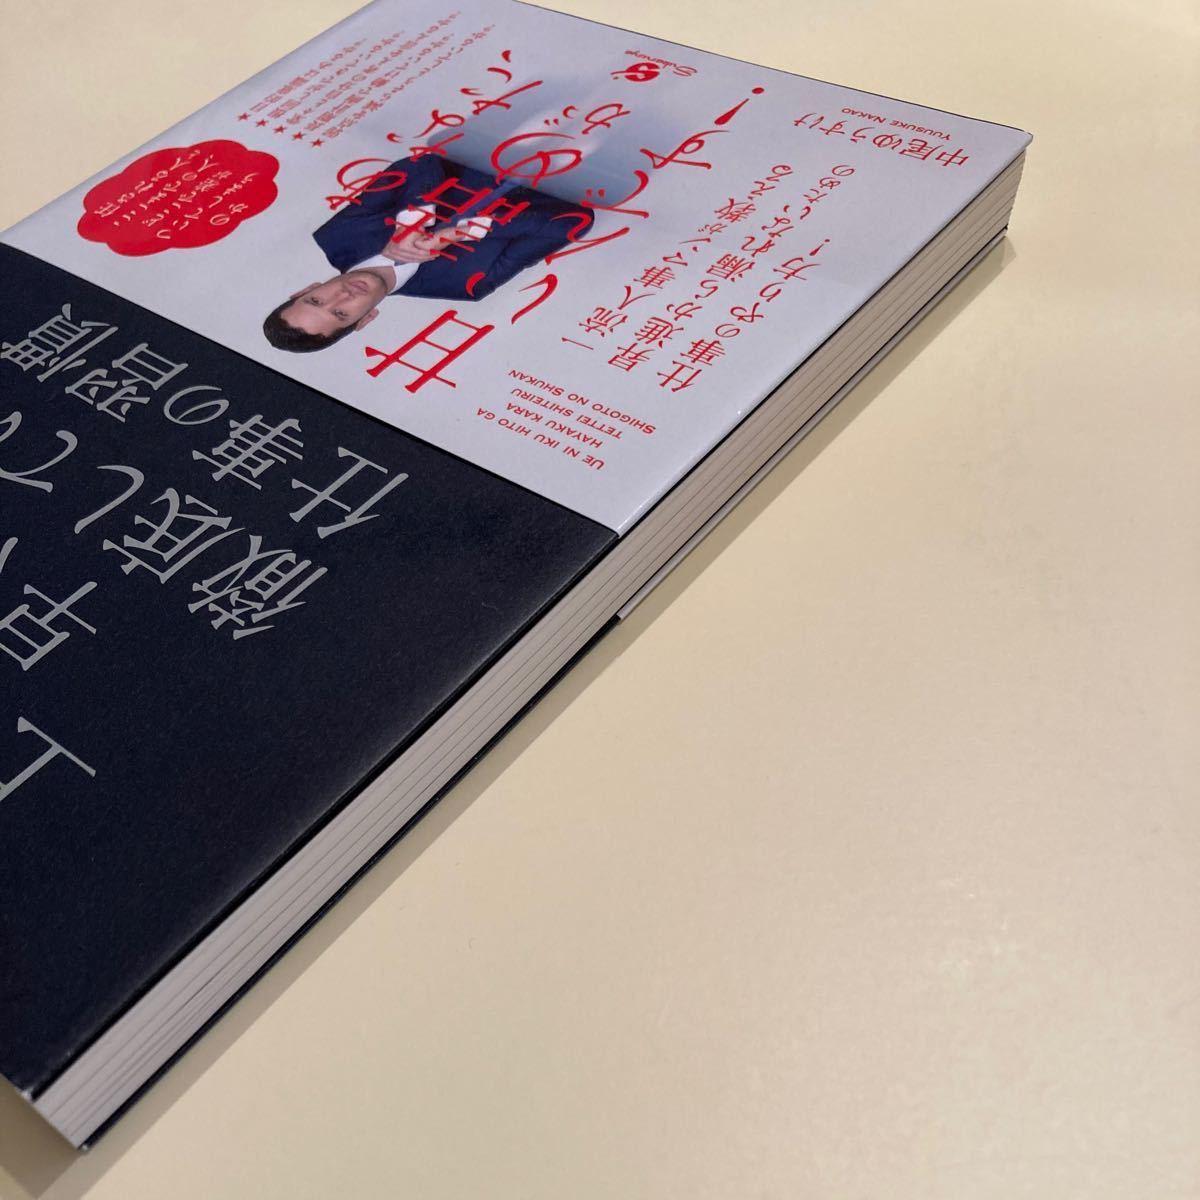 『上に行く人が早くから徹底している仕事の習慣』『「人を動かす」ために本当に大切なこと』2冊セット